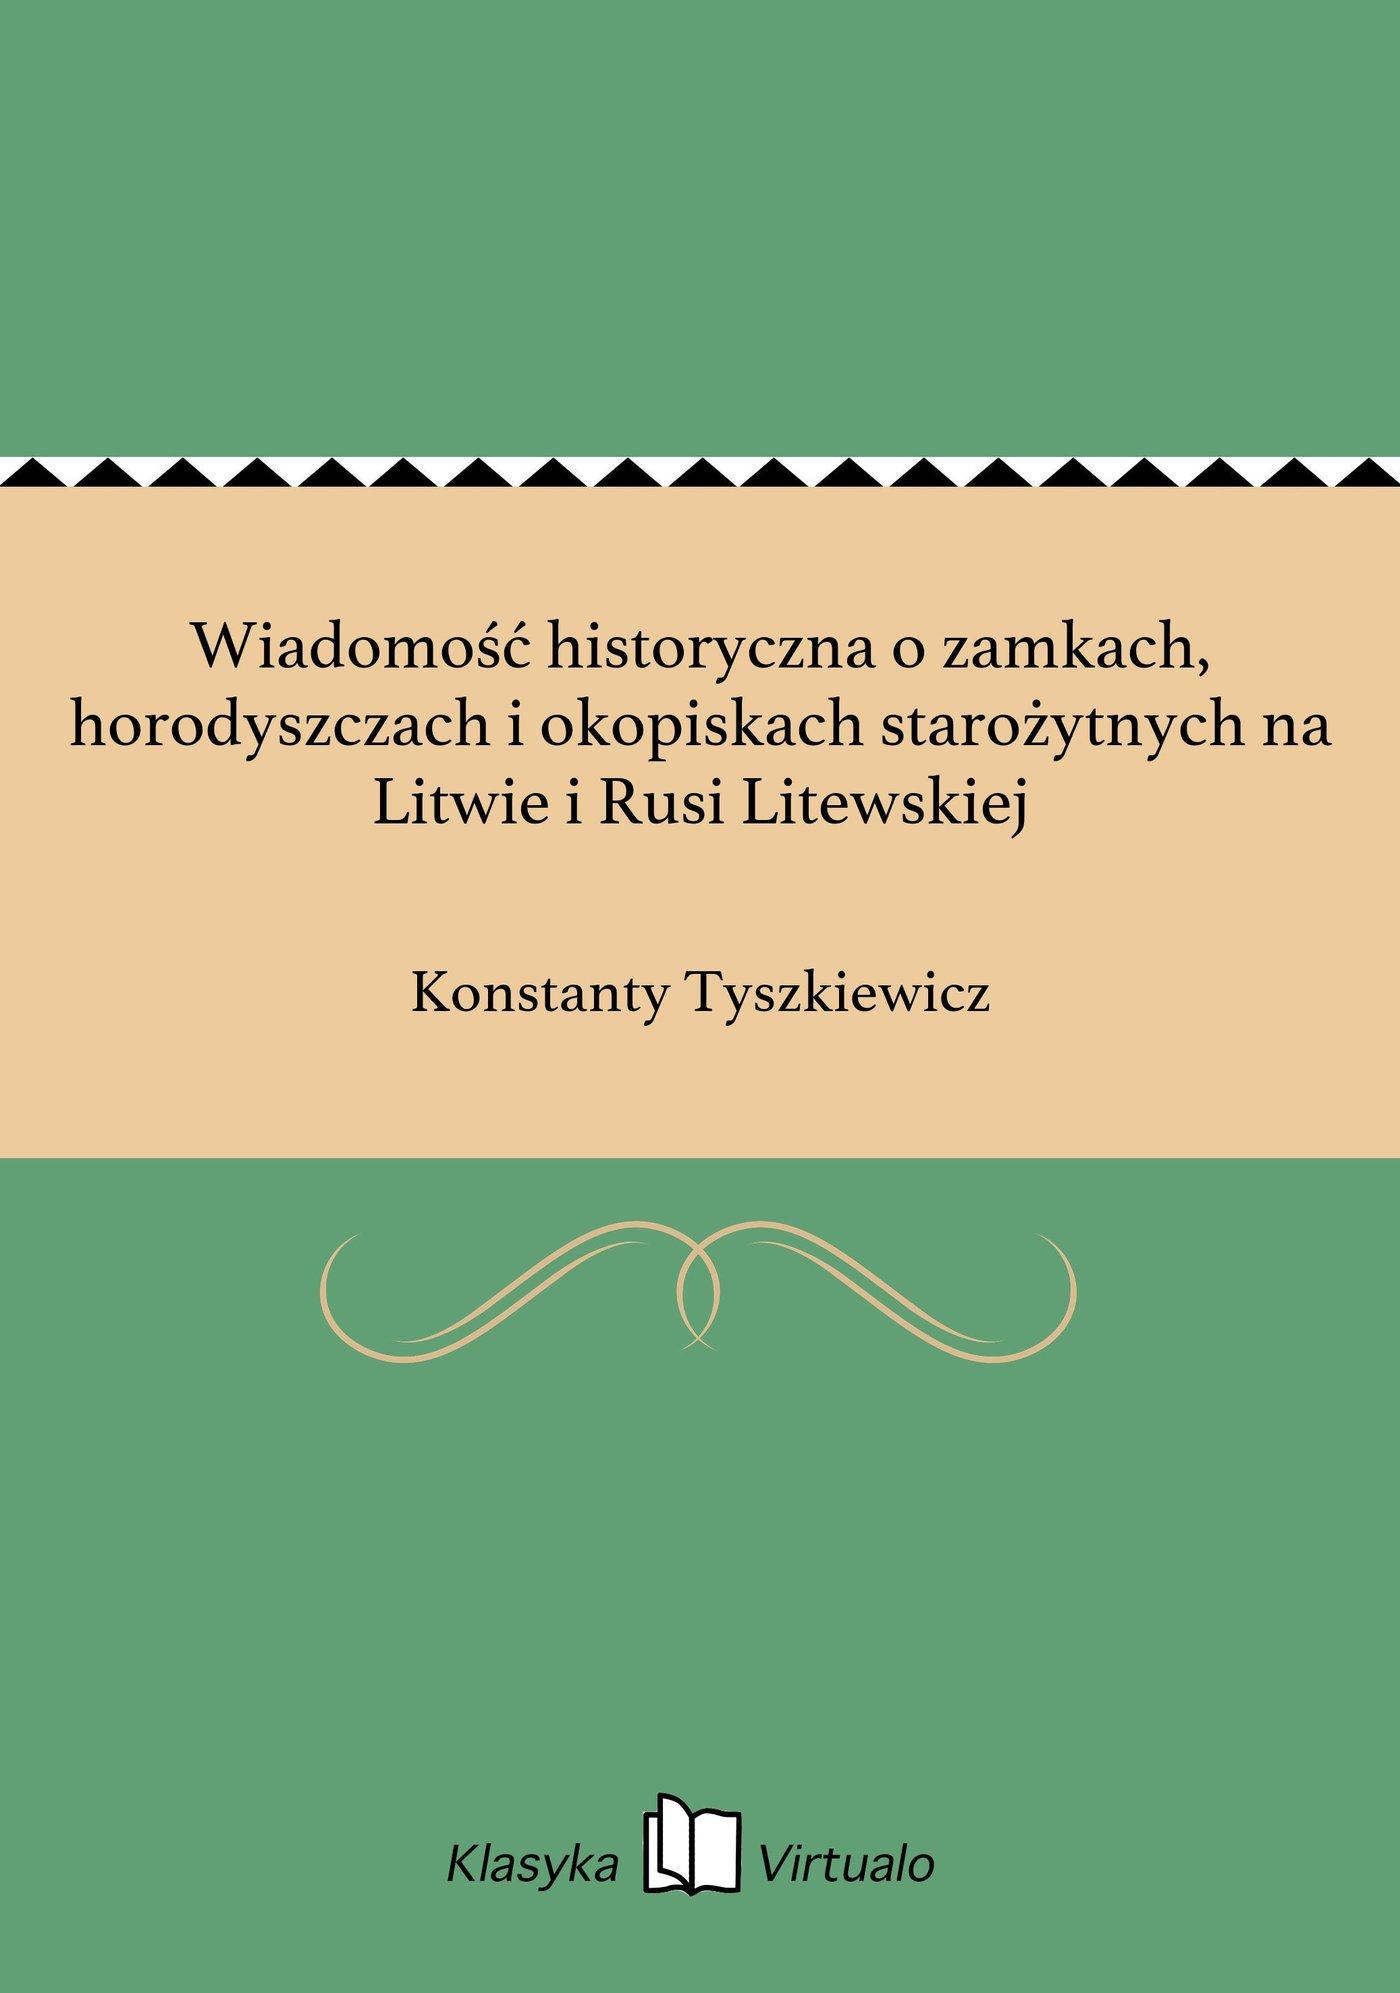 Wiadomość historyczna o zamkach, horodyszczach i okopiskach starożytnych na Litwie i Rusi Litewskiej - Ebook (Książka EPUB) do pobrania w formacie EPUB